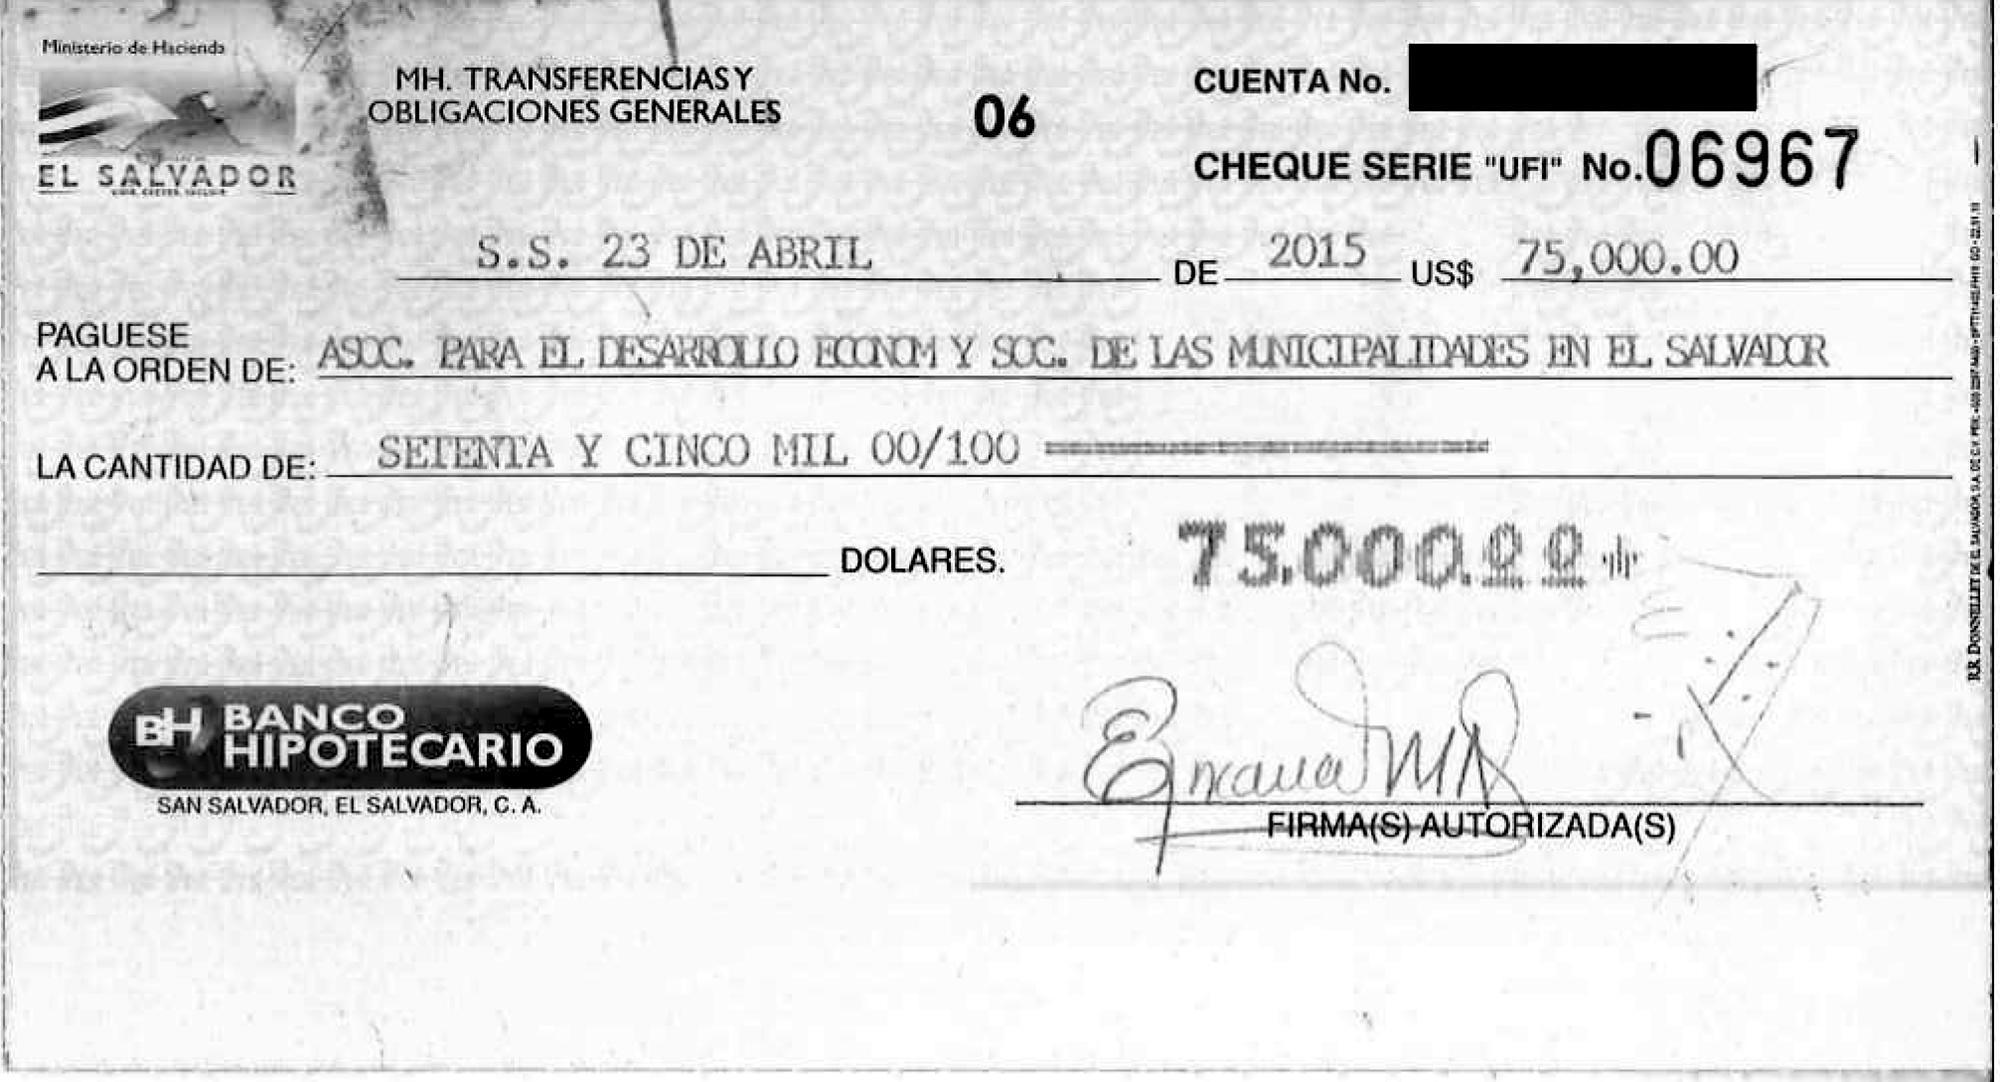 En 2015, la asociación recibió un cuarto de millón de dólares vía presupuesto general de la nación. En el presupuesto general de la nación 2016, el diputado Gallegos y la Comisión de Hacienda de la Asamblea autorizaron otros 300 mil dólares para Apdemes. De estos, Hacienda reporta la entrega de $100 mil a favor de Apdemes.